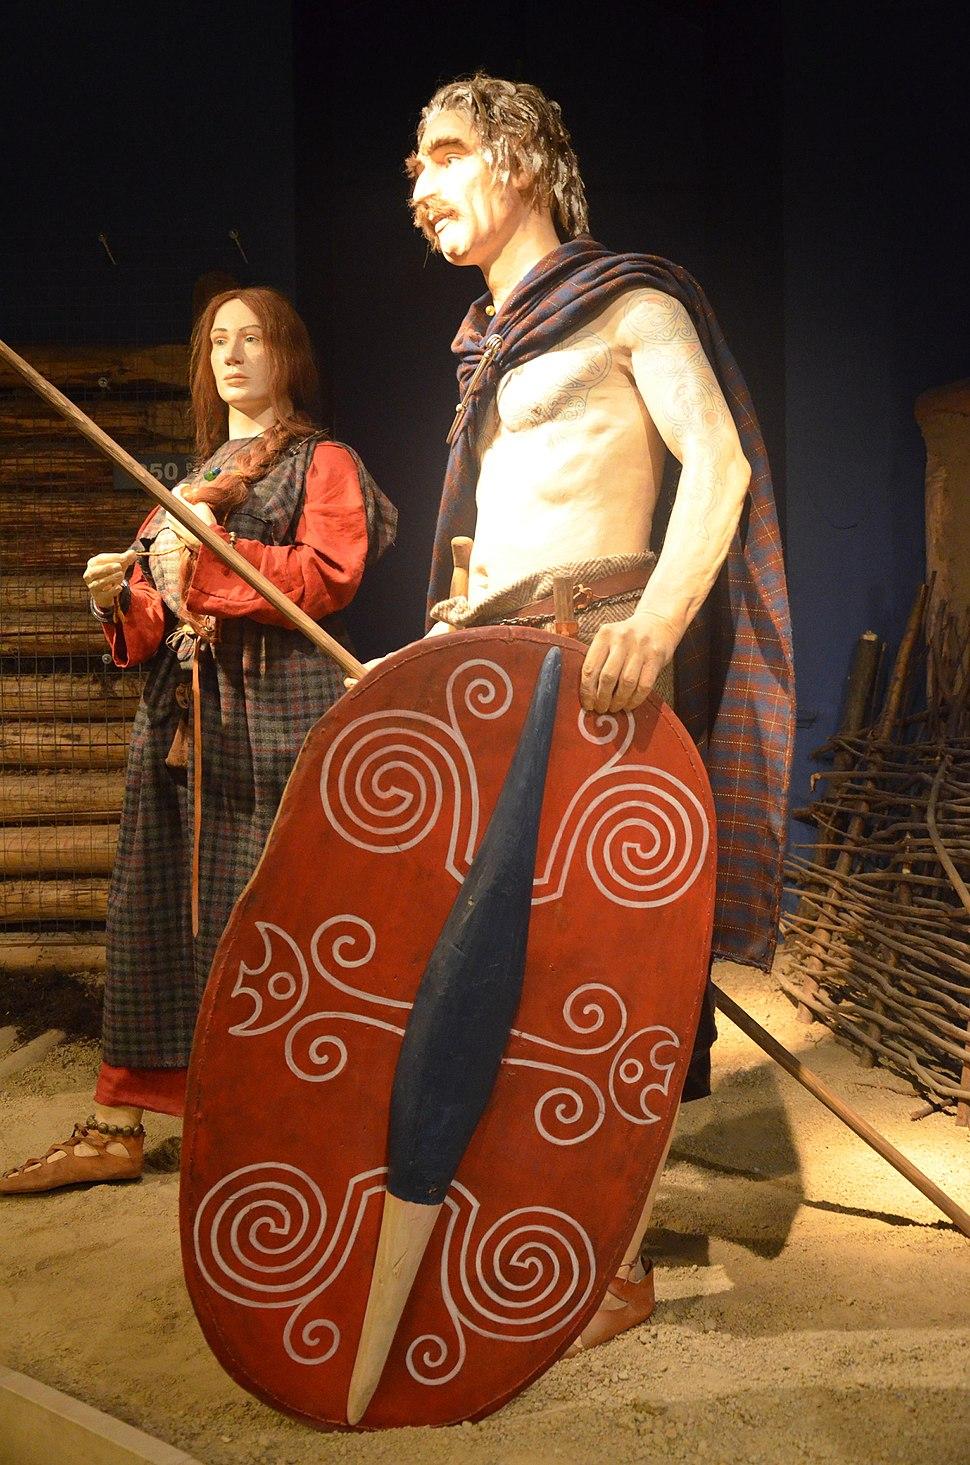 0910 Tracht der Kelten in Südpolen im 3. Jh. v. Chr